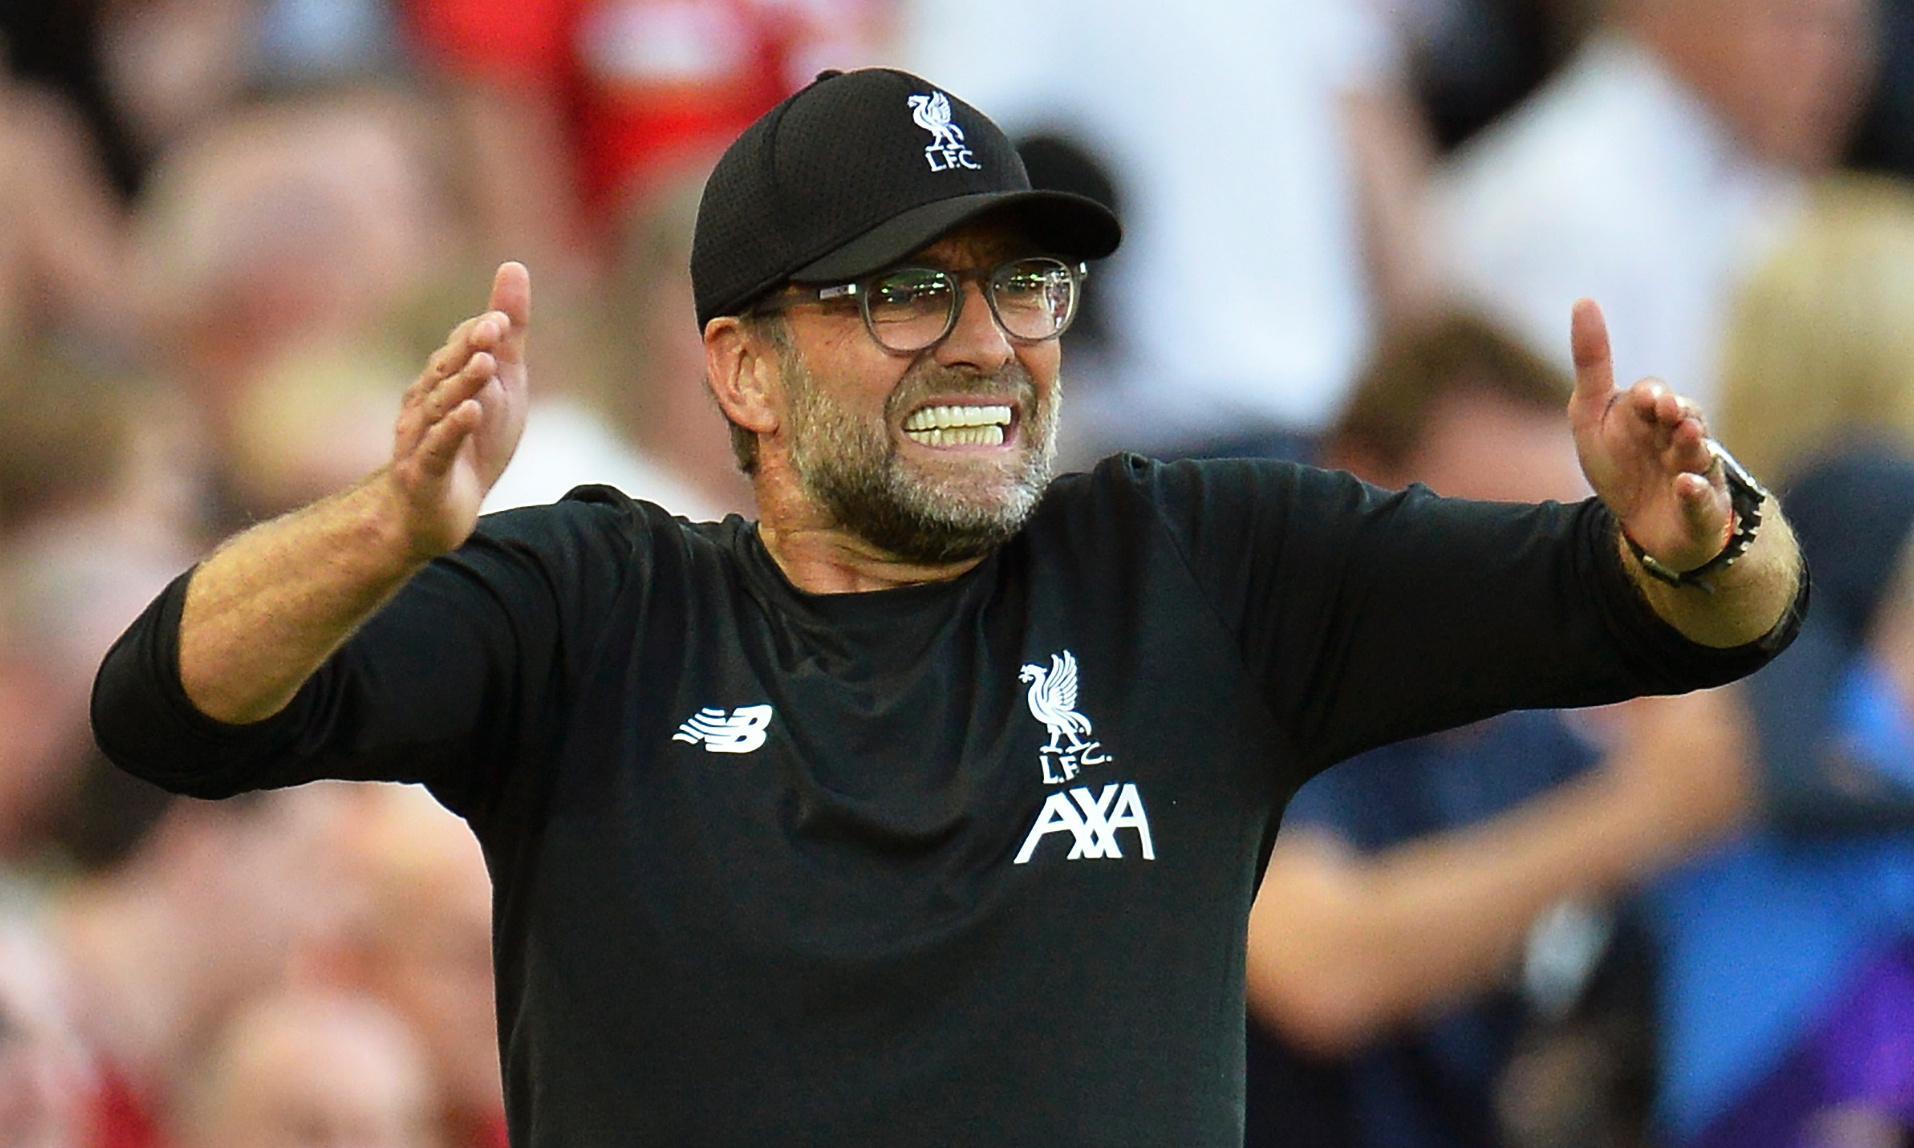 Jürgen Klopp says he will take year's break when he leaves Liverpool